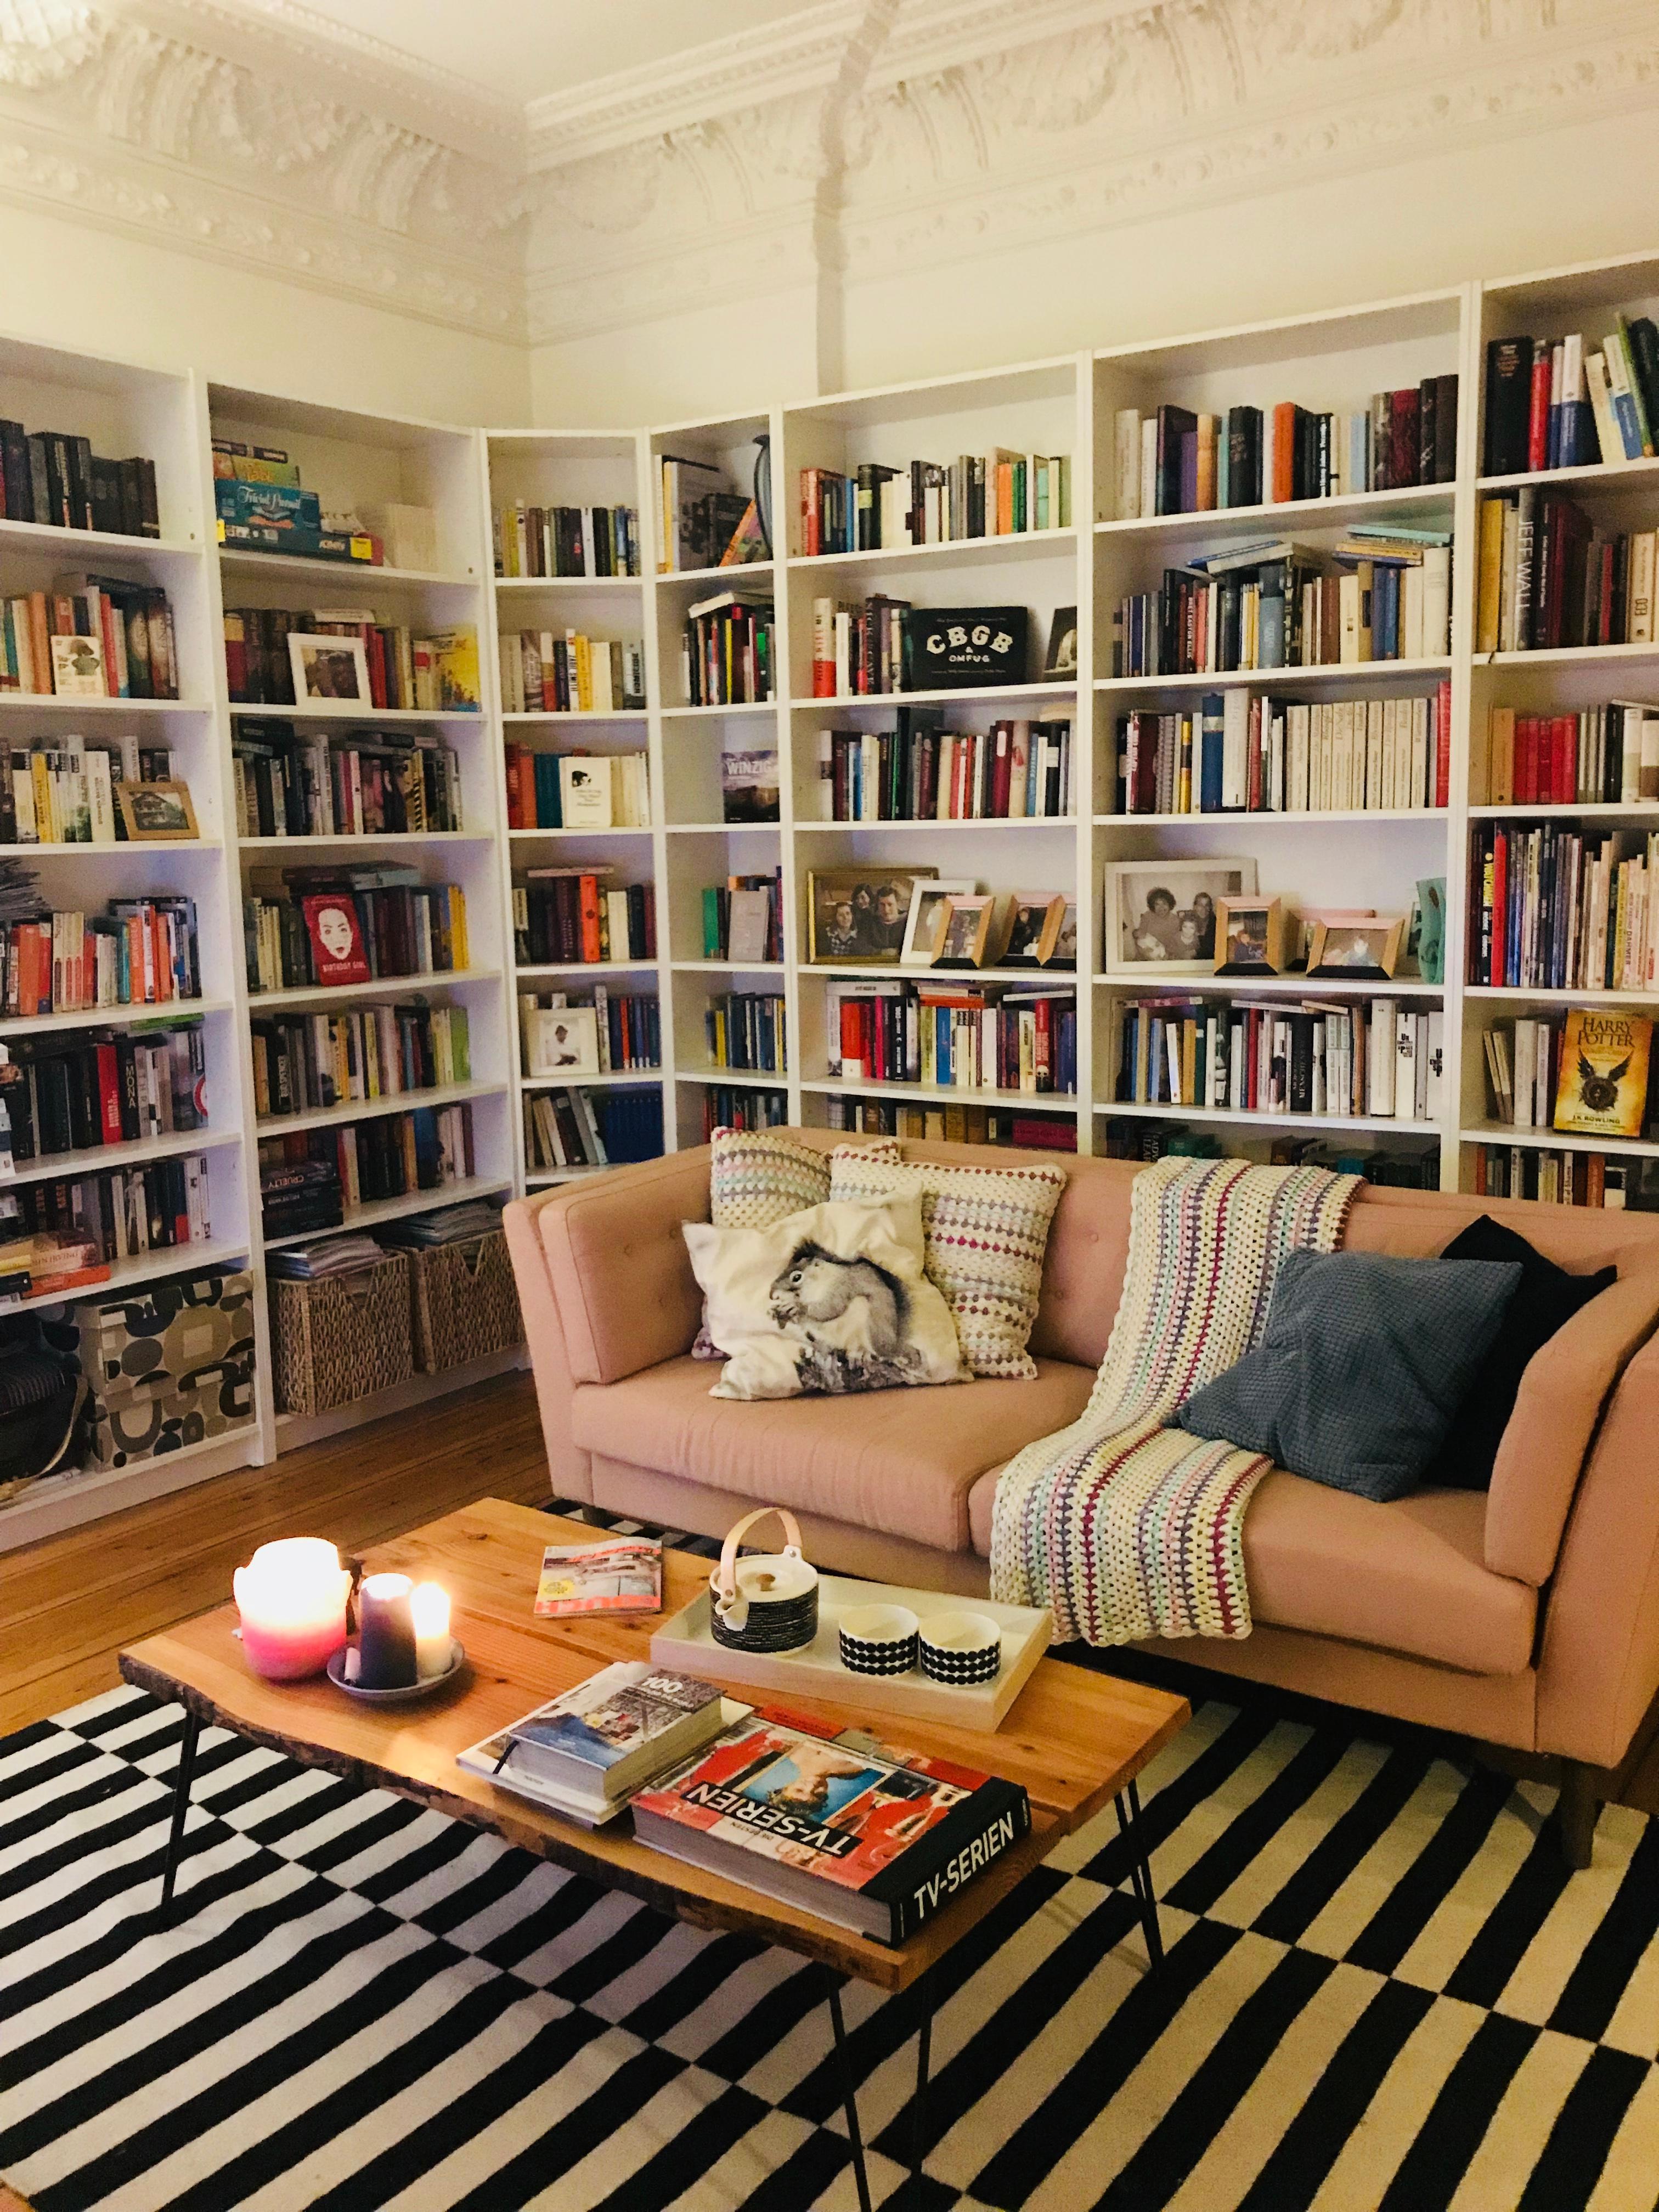 Bibliothek • Bilder & Ideen • COUCHstyle